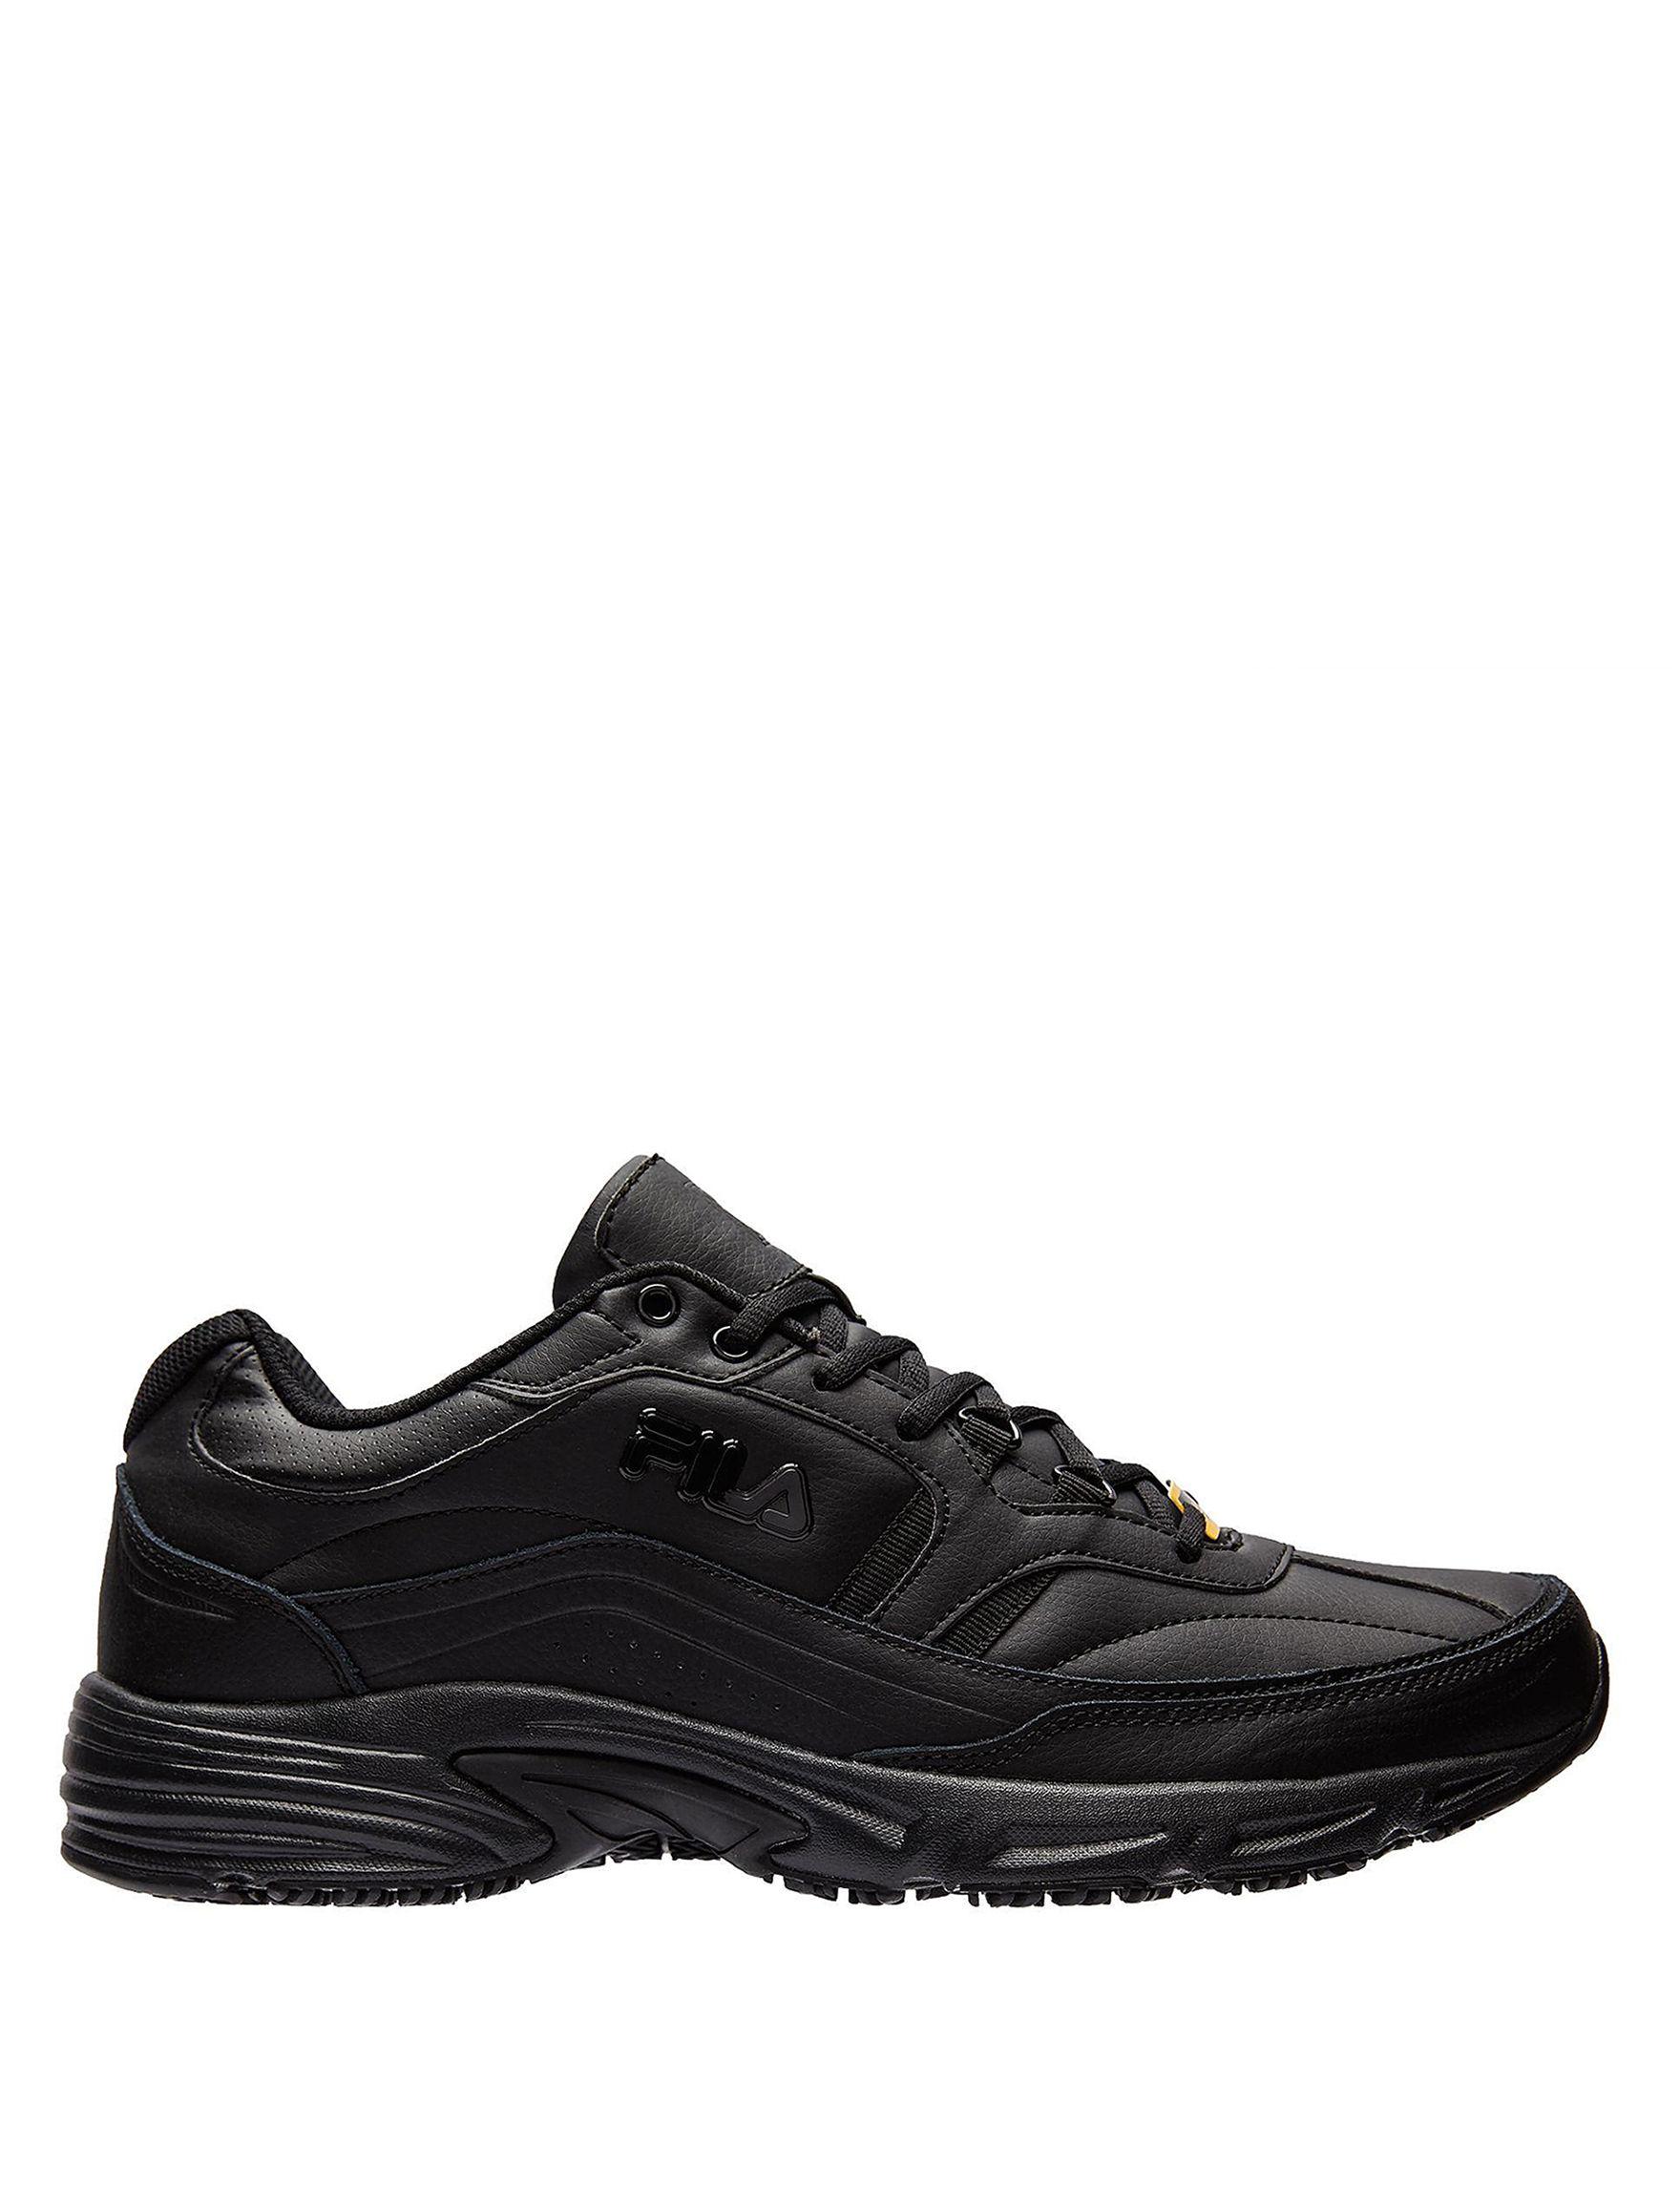 Fila Black Slip Resistant Work